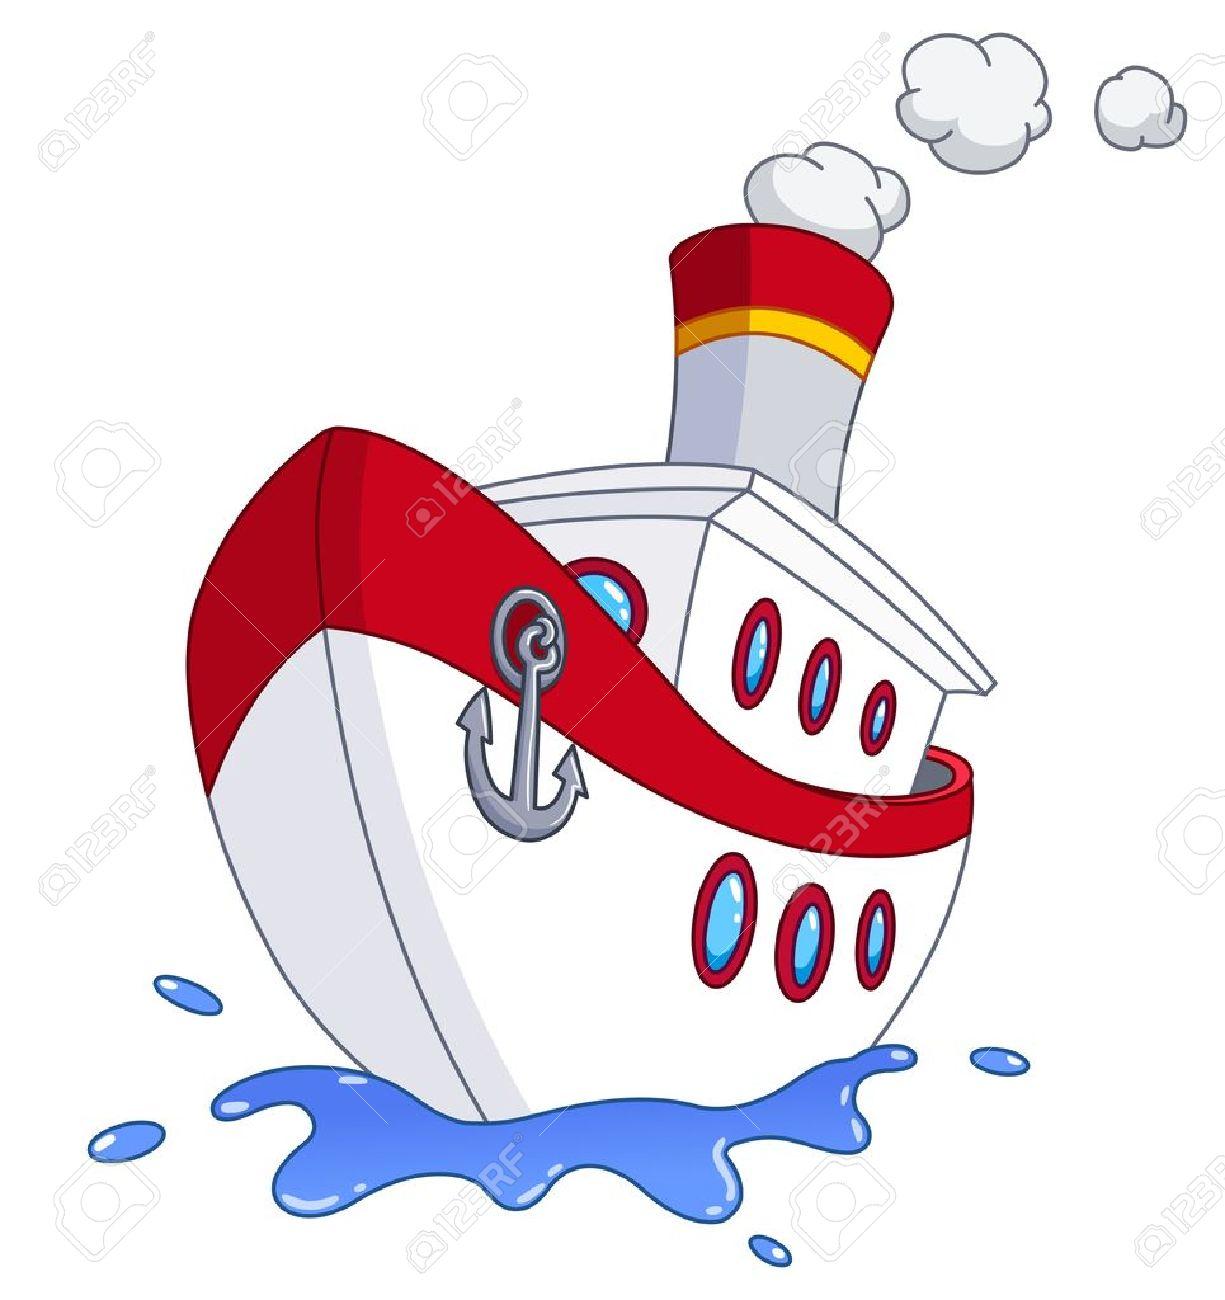 Cartoon ship Stock Vector - 14799454